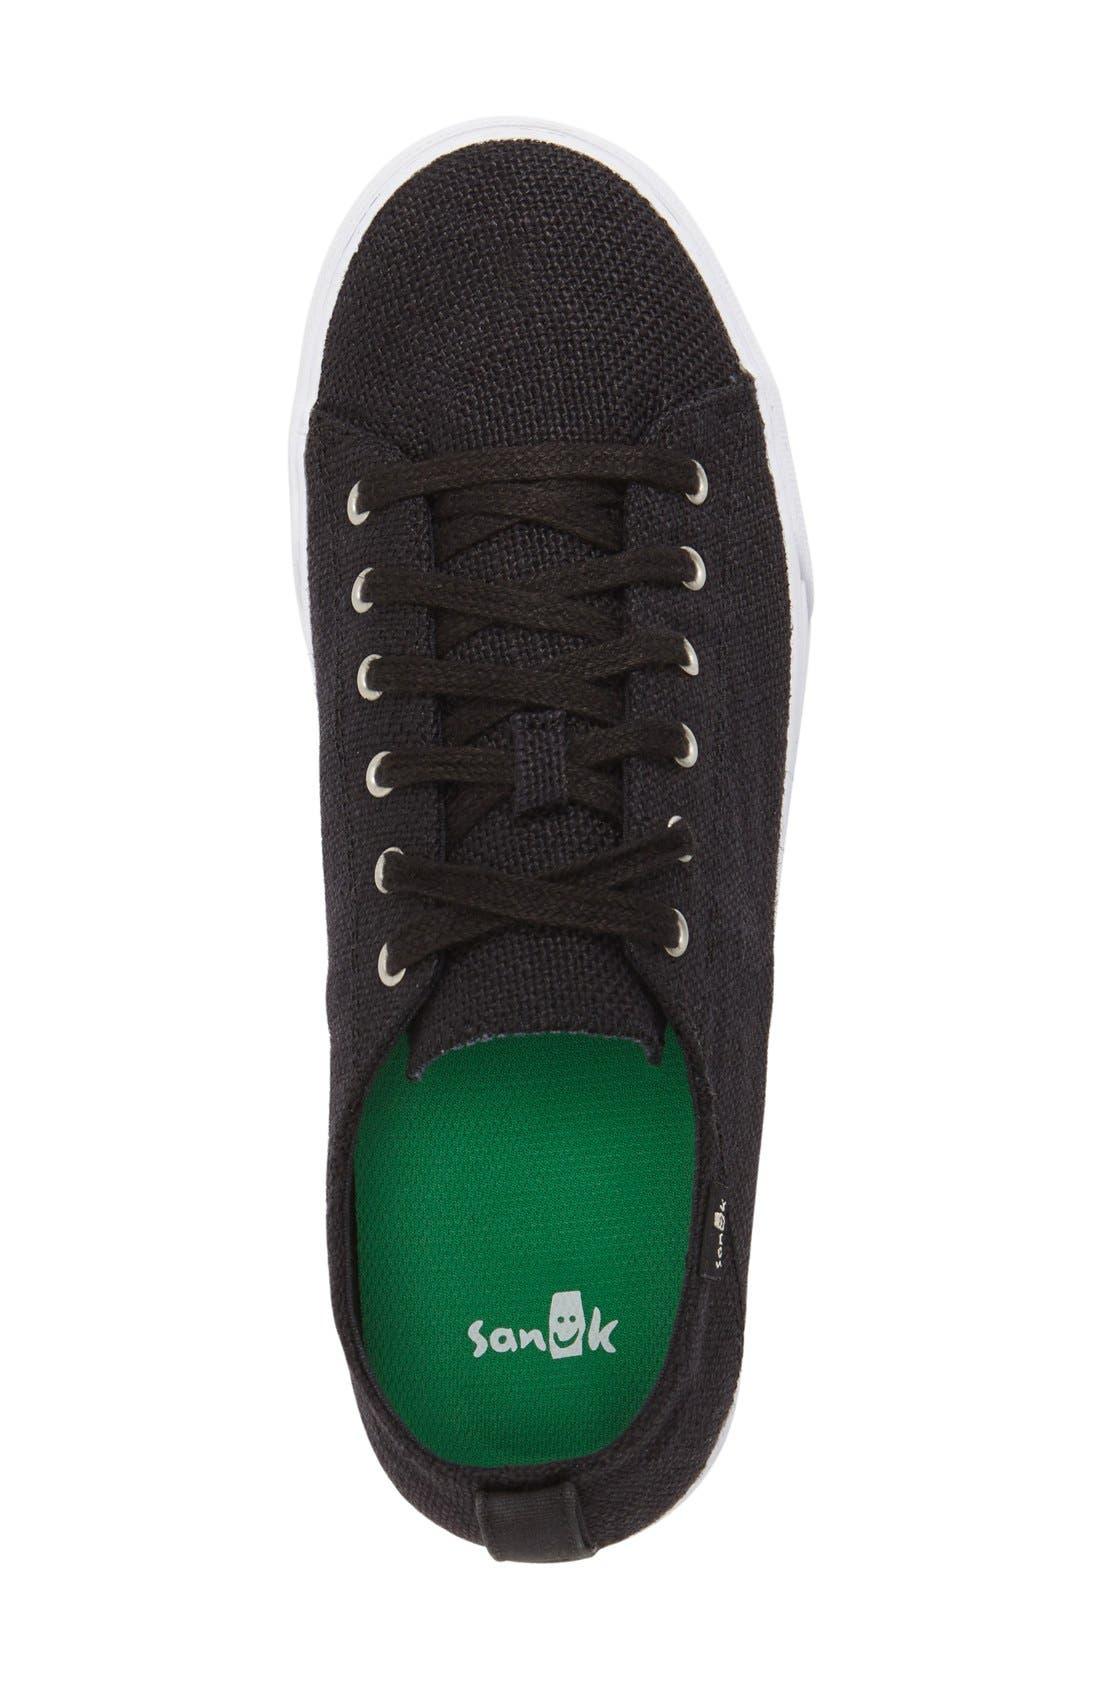 Alternate Image 3  - Sanuk 'Staple' Sneaker (Men)